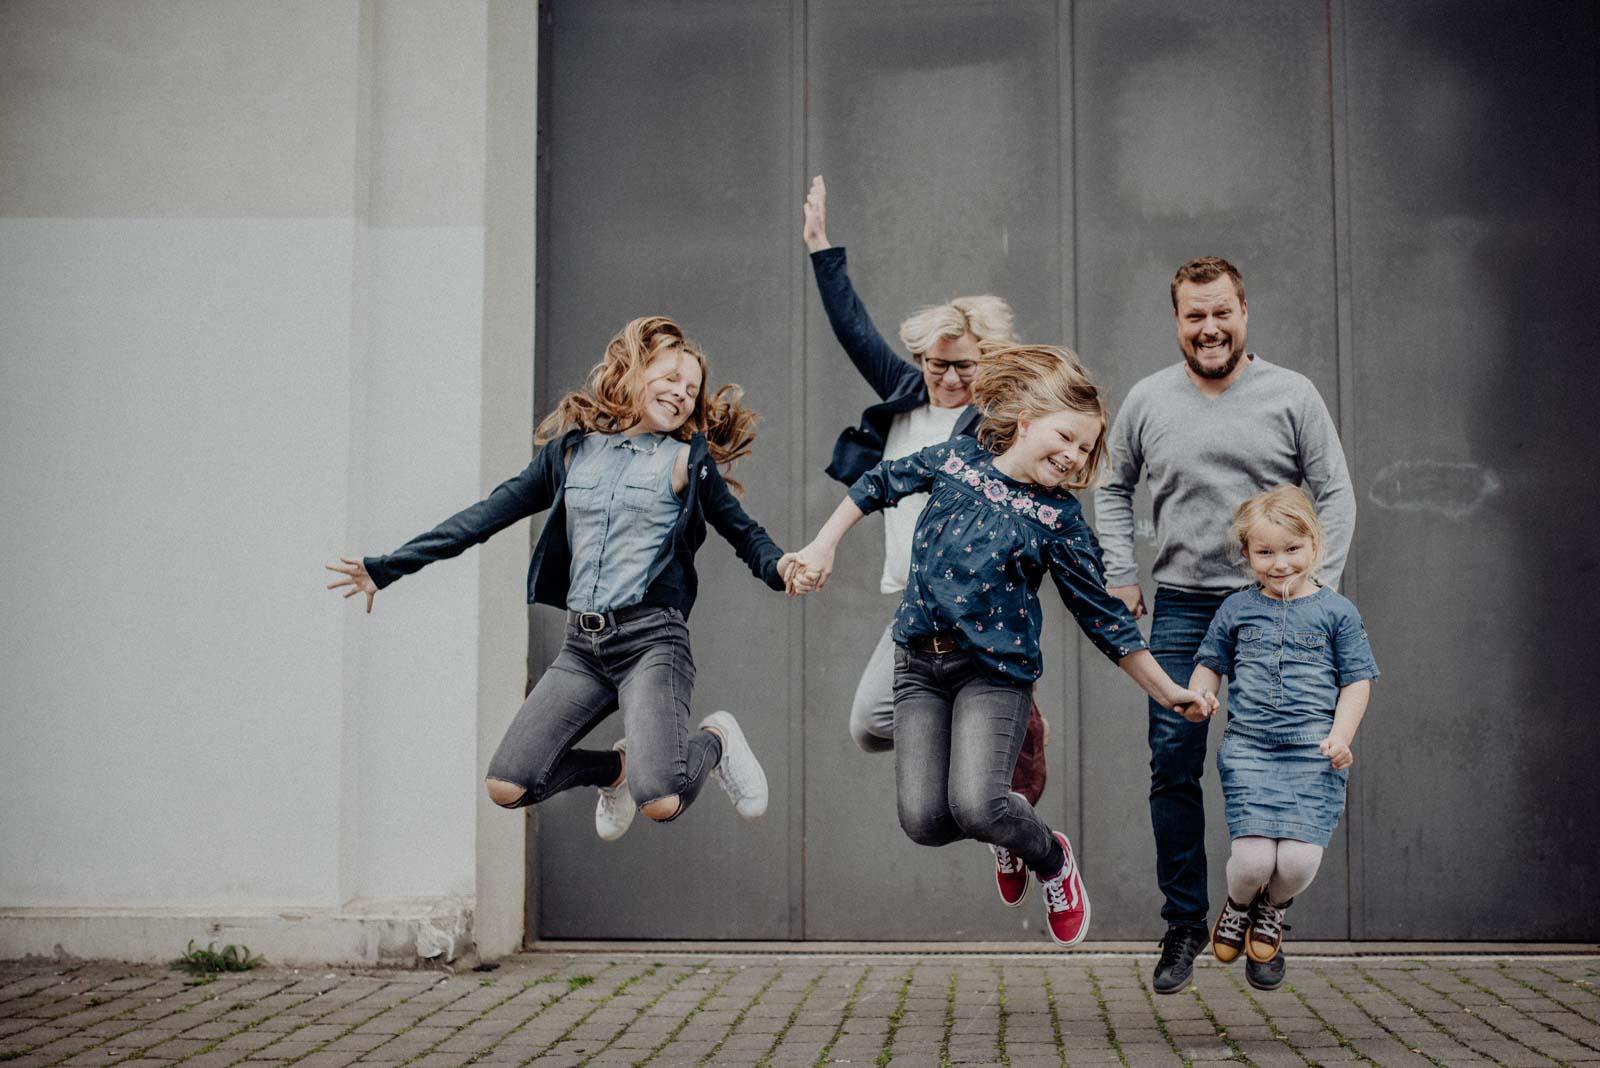 019-ungestellte-familienfotos-familienshooting-bochum-industrie-jahrhunderthalle